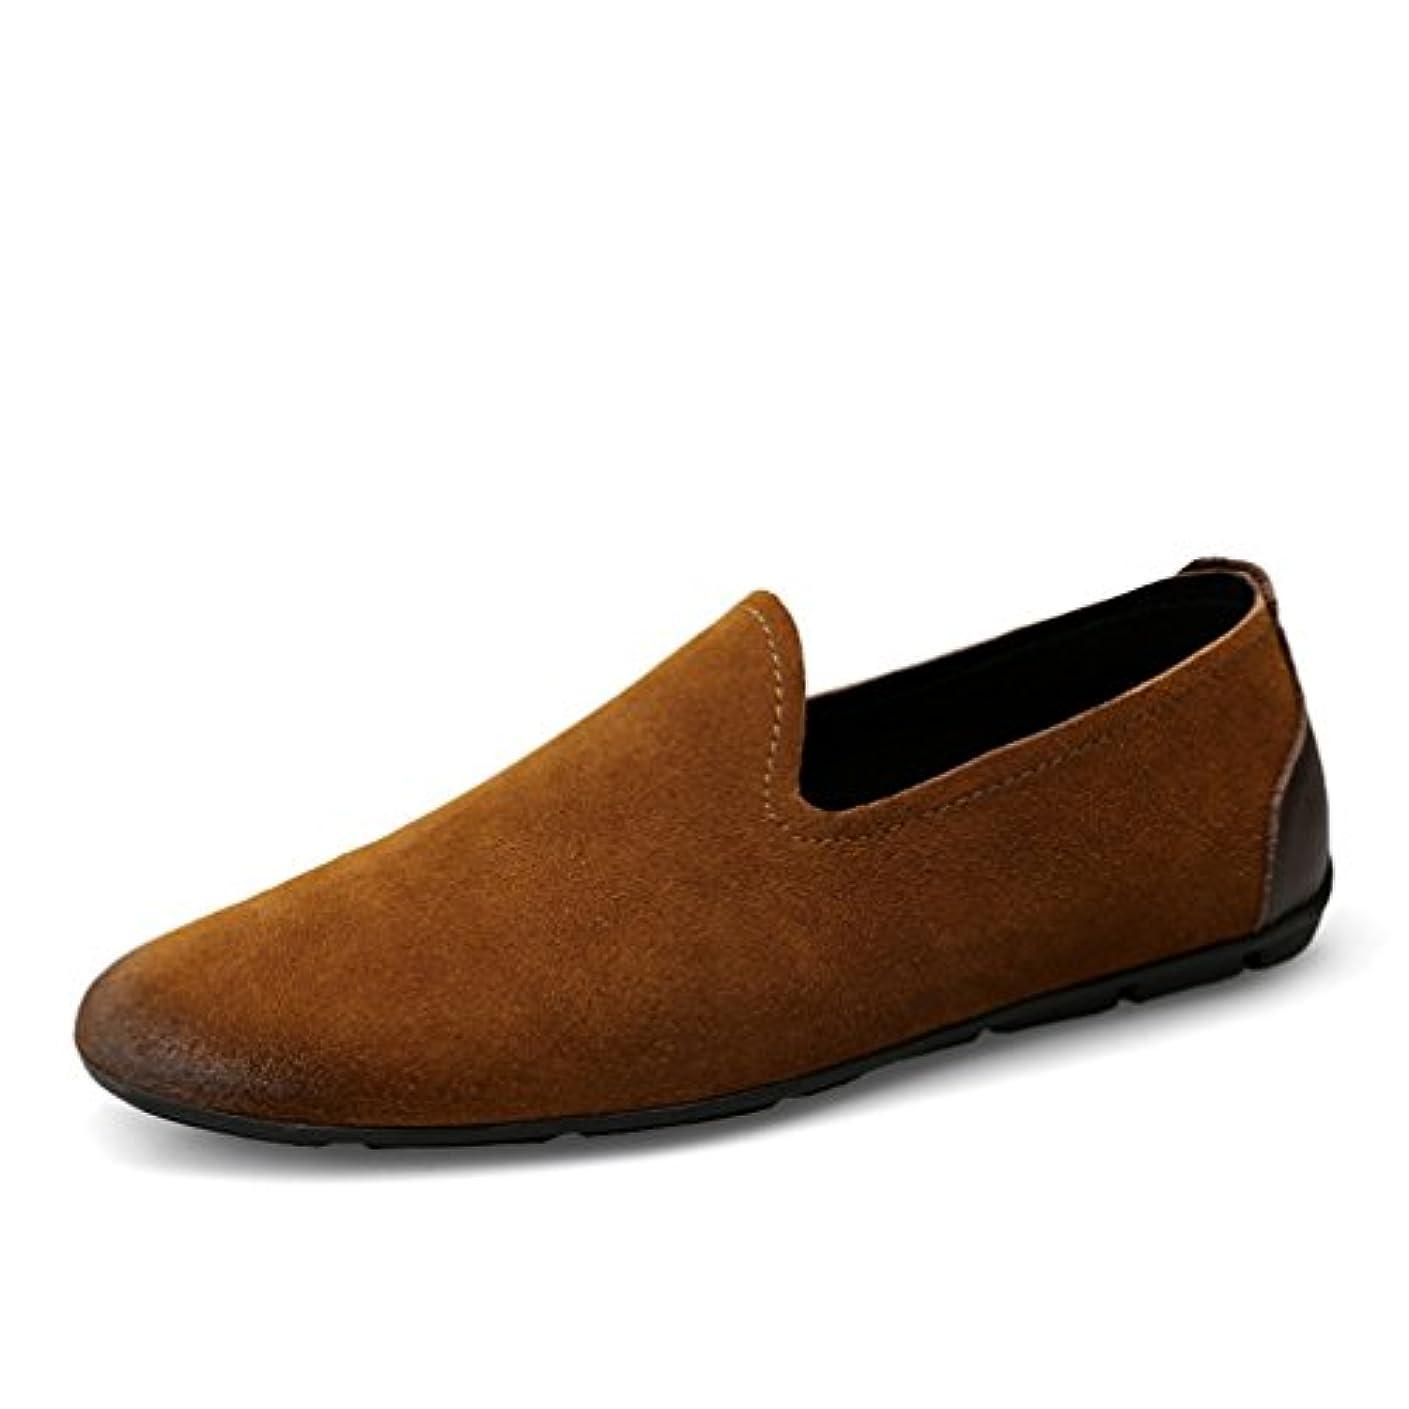 空洞レーニン主義ヶ月目[OM]メンズ スリッポン ドライビングシューズ ローファー モカシンシューズ ローカット ビジネス カジュアルシューズ クラシック スウェード 軽量 スエード レザー 運転 職場用 革靴